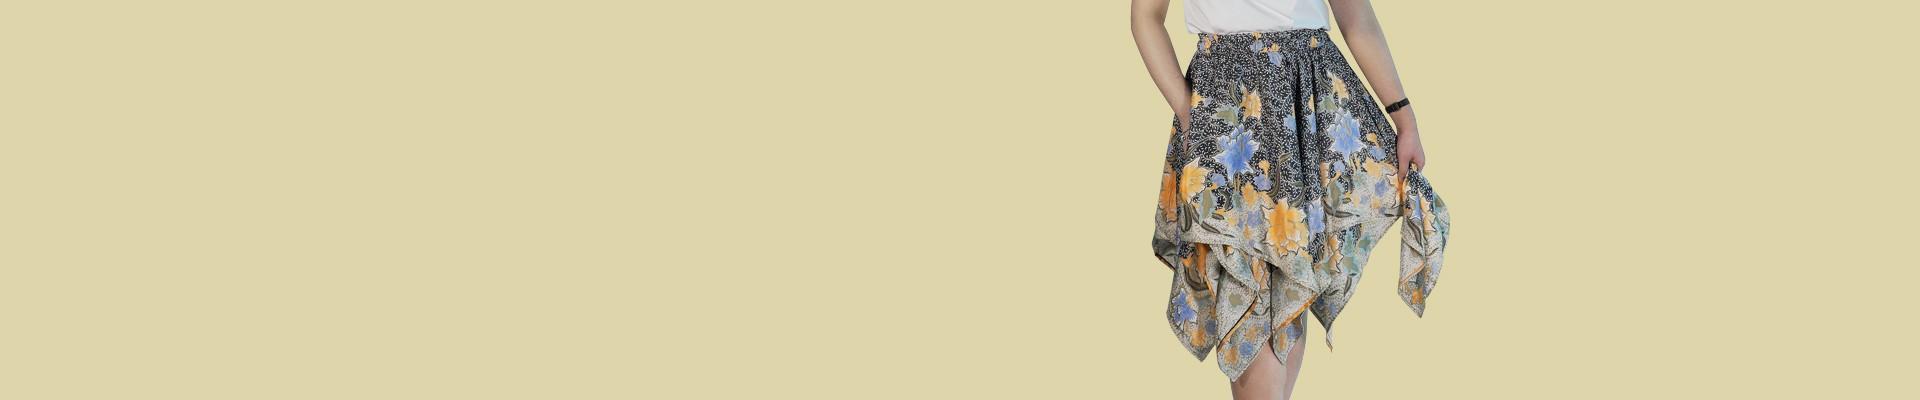 Jual Bawahan Batik Modern Wanita - Harga Terbaik  5ddb28f824